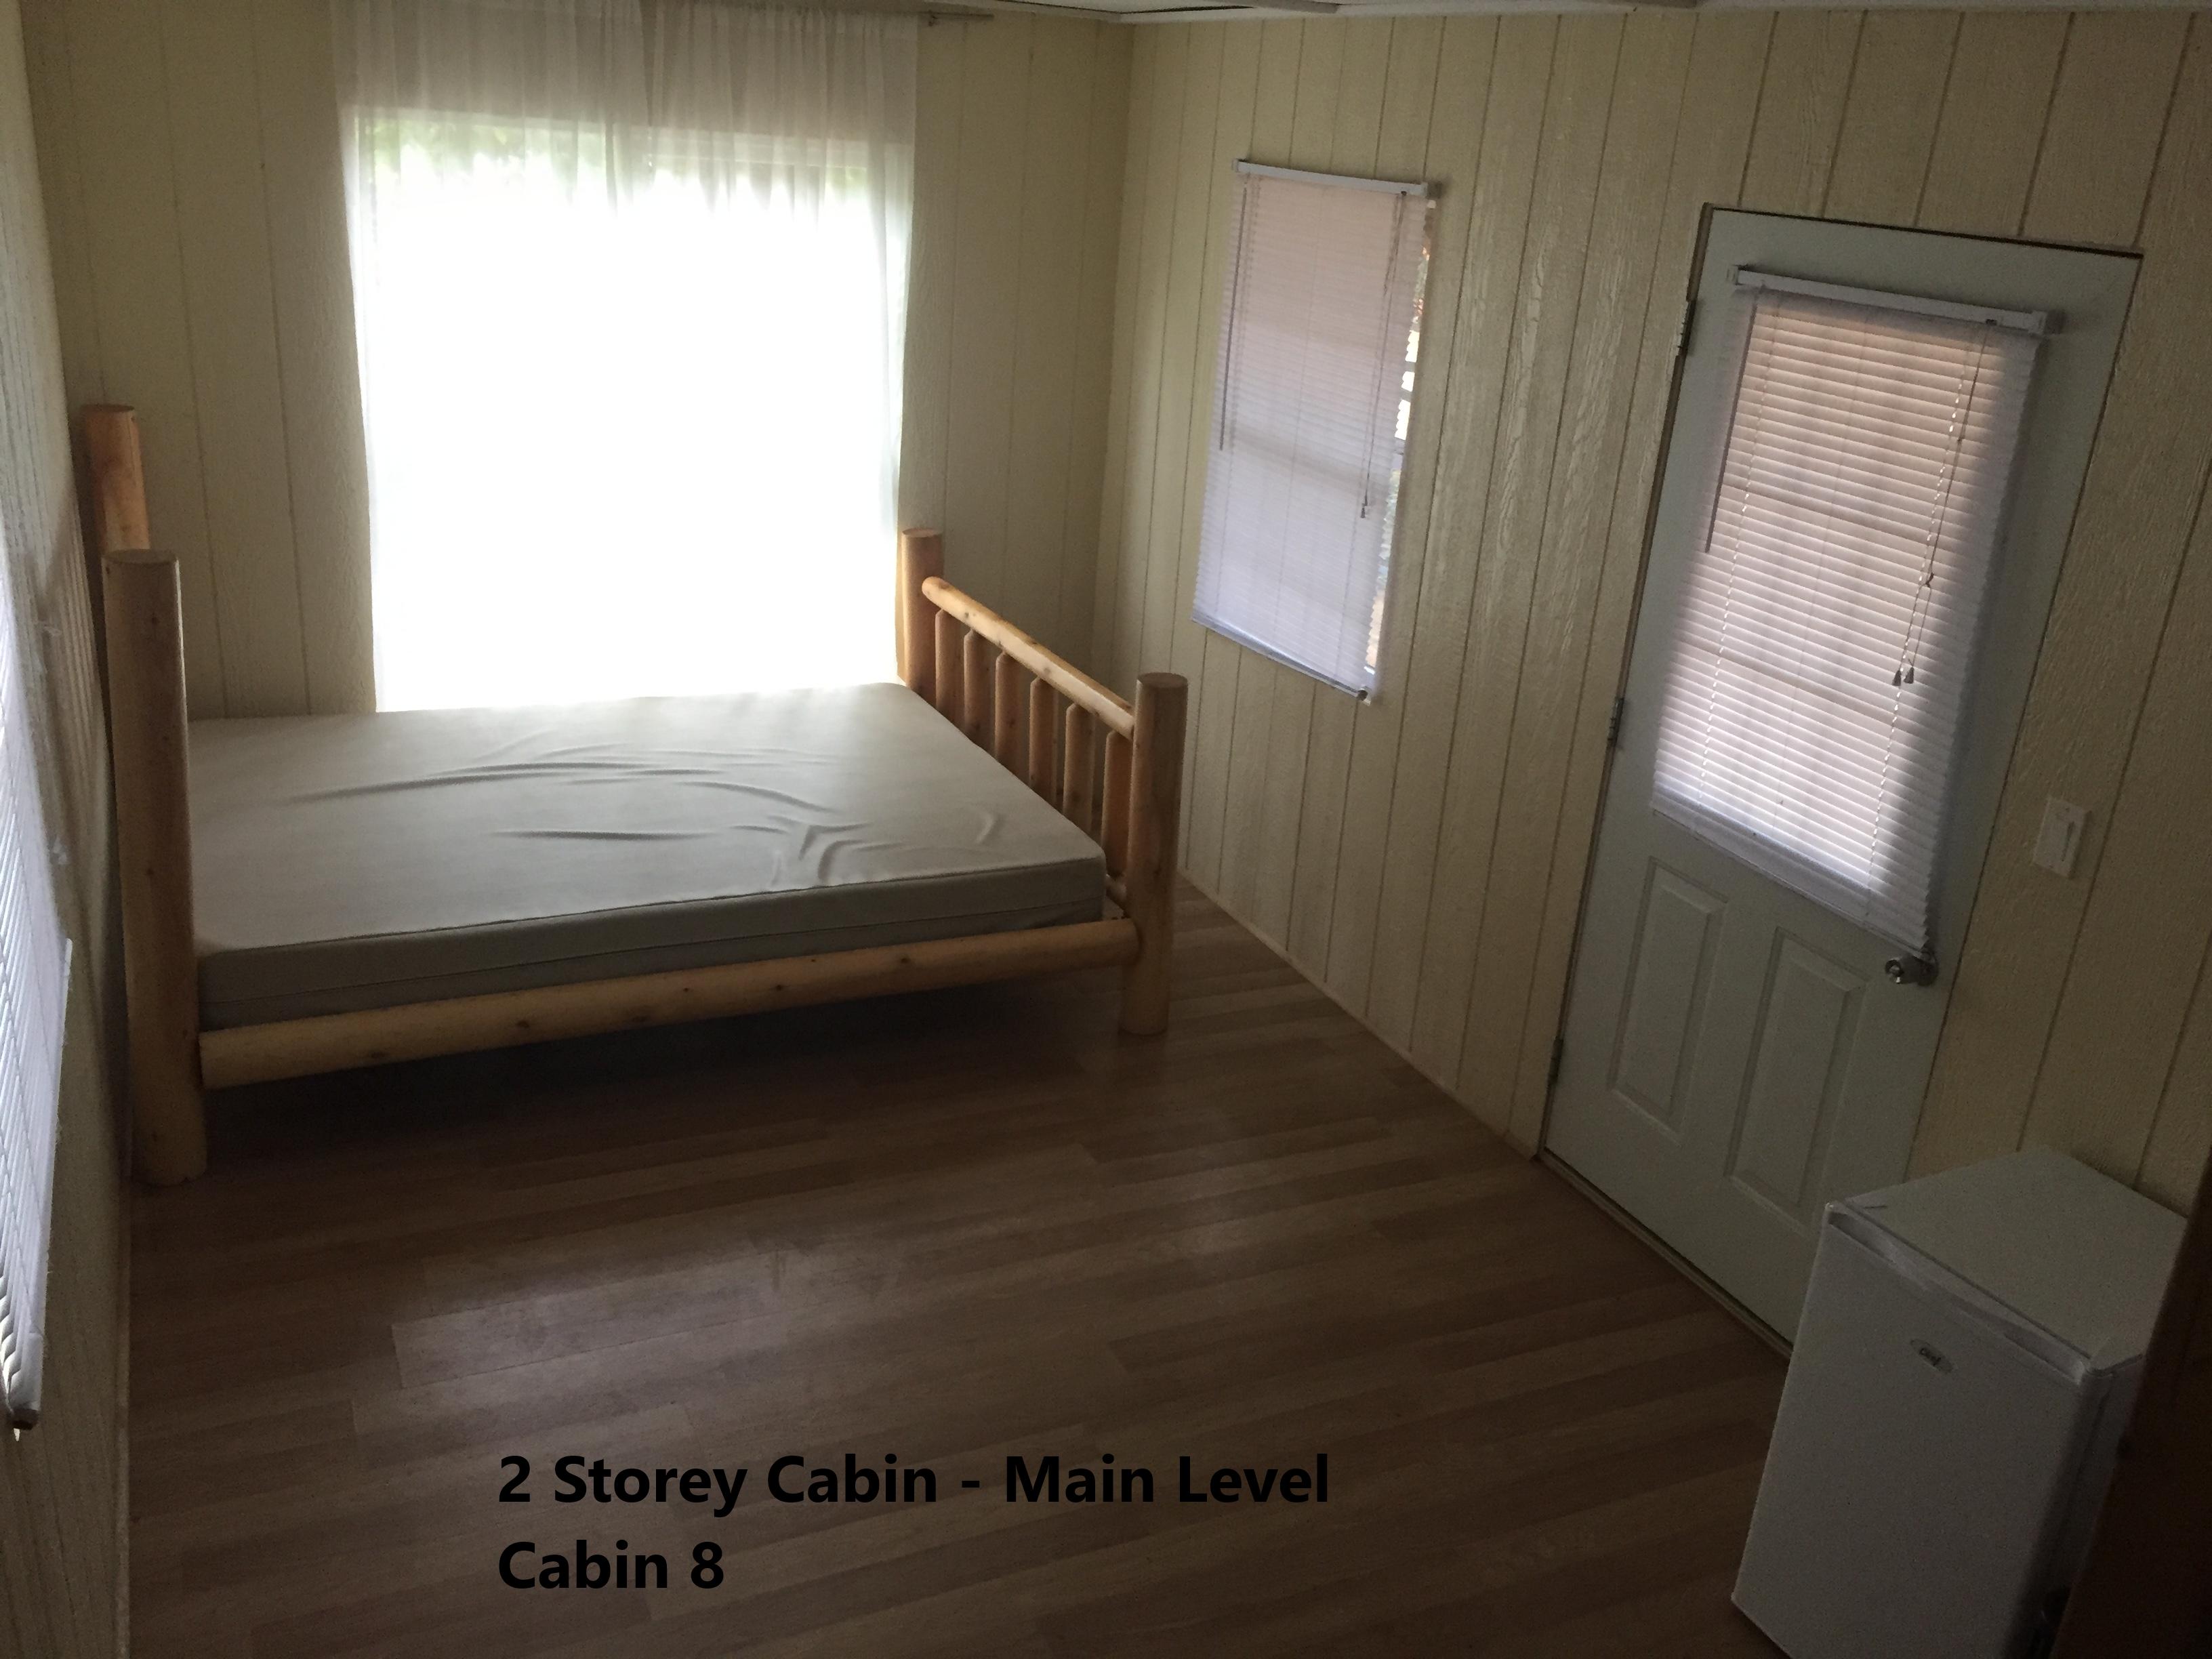 2 Storey Cabin - Main Level Cabin 8